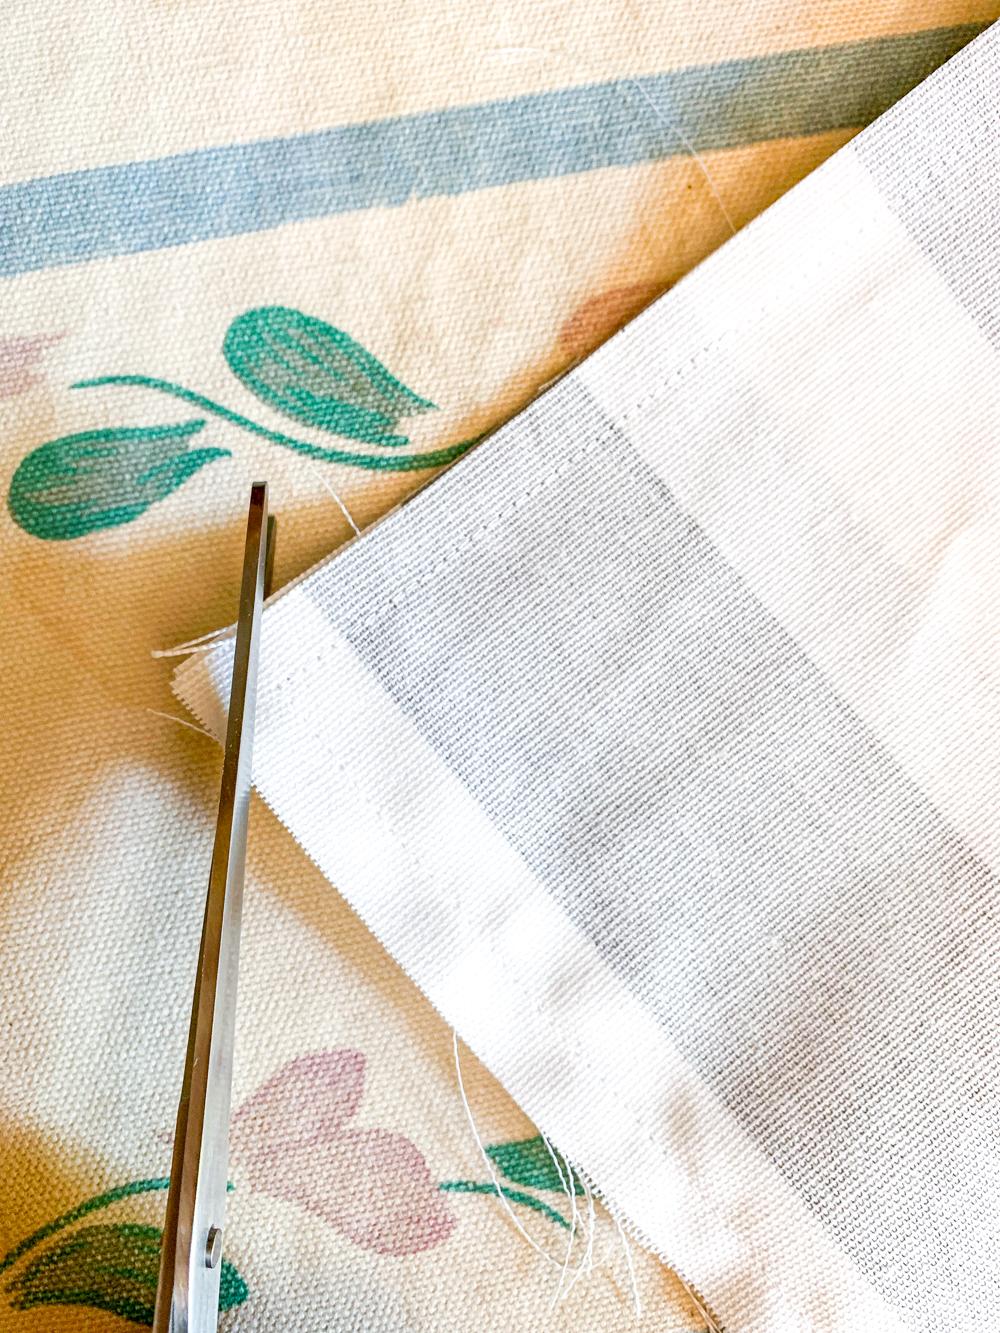 scissors clipping corner of fabric